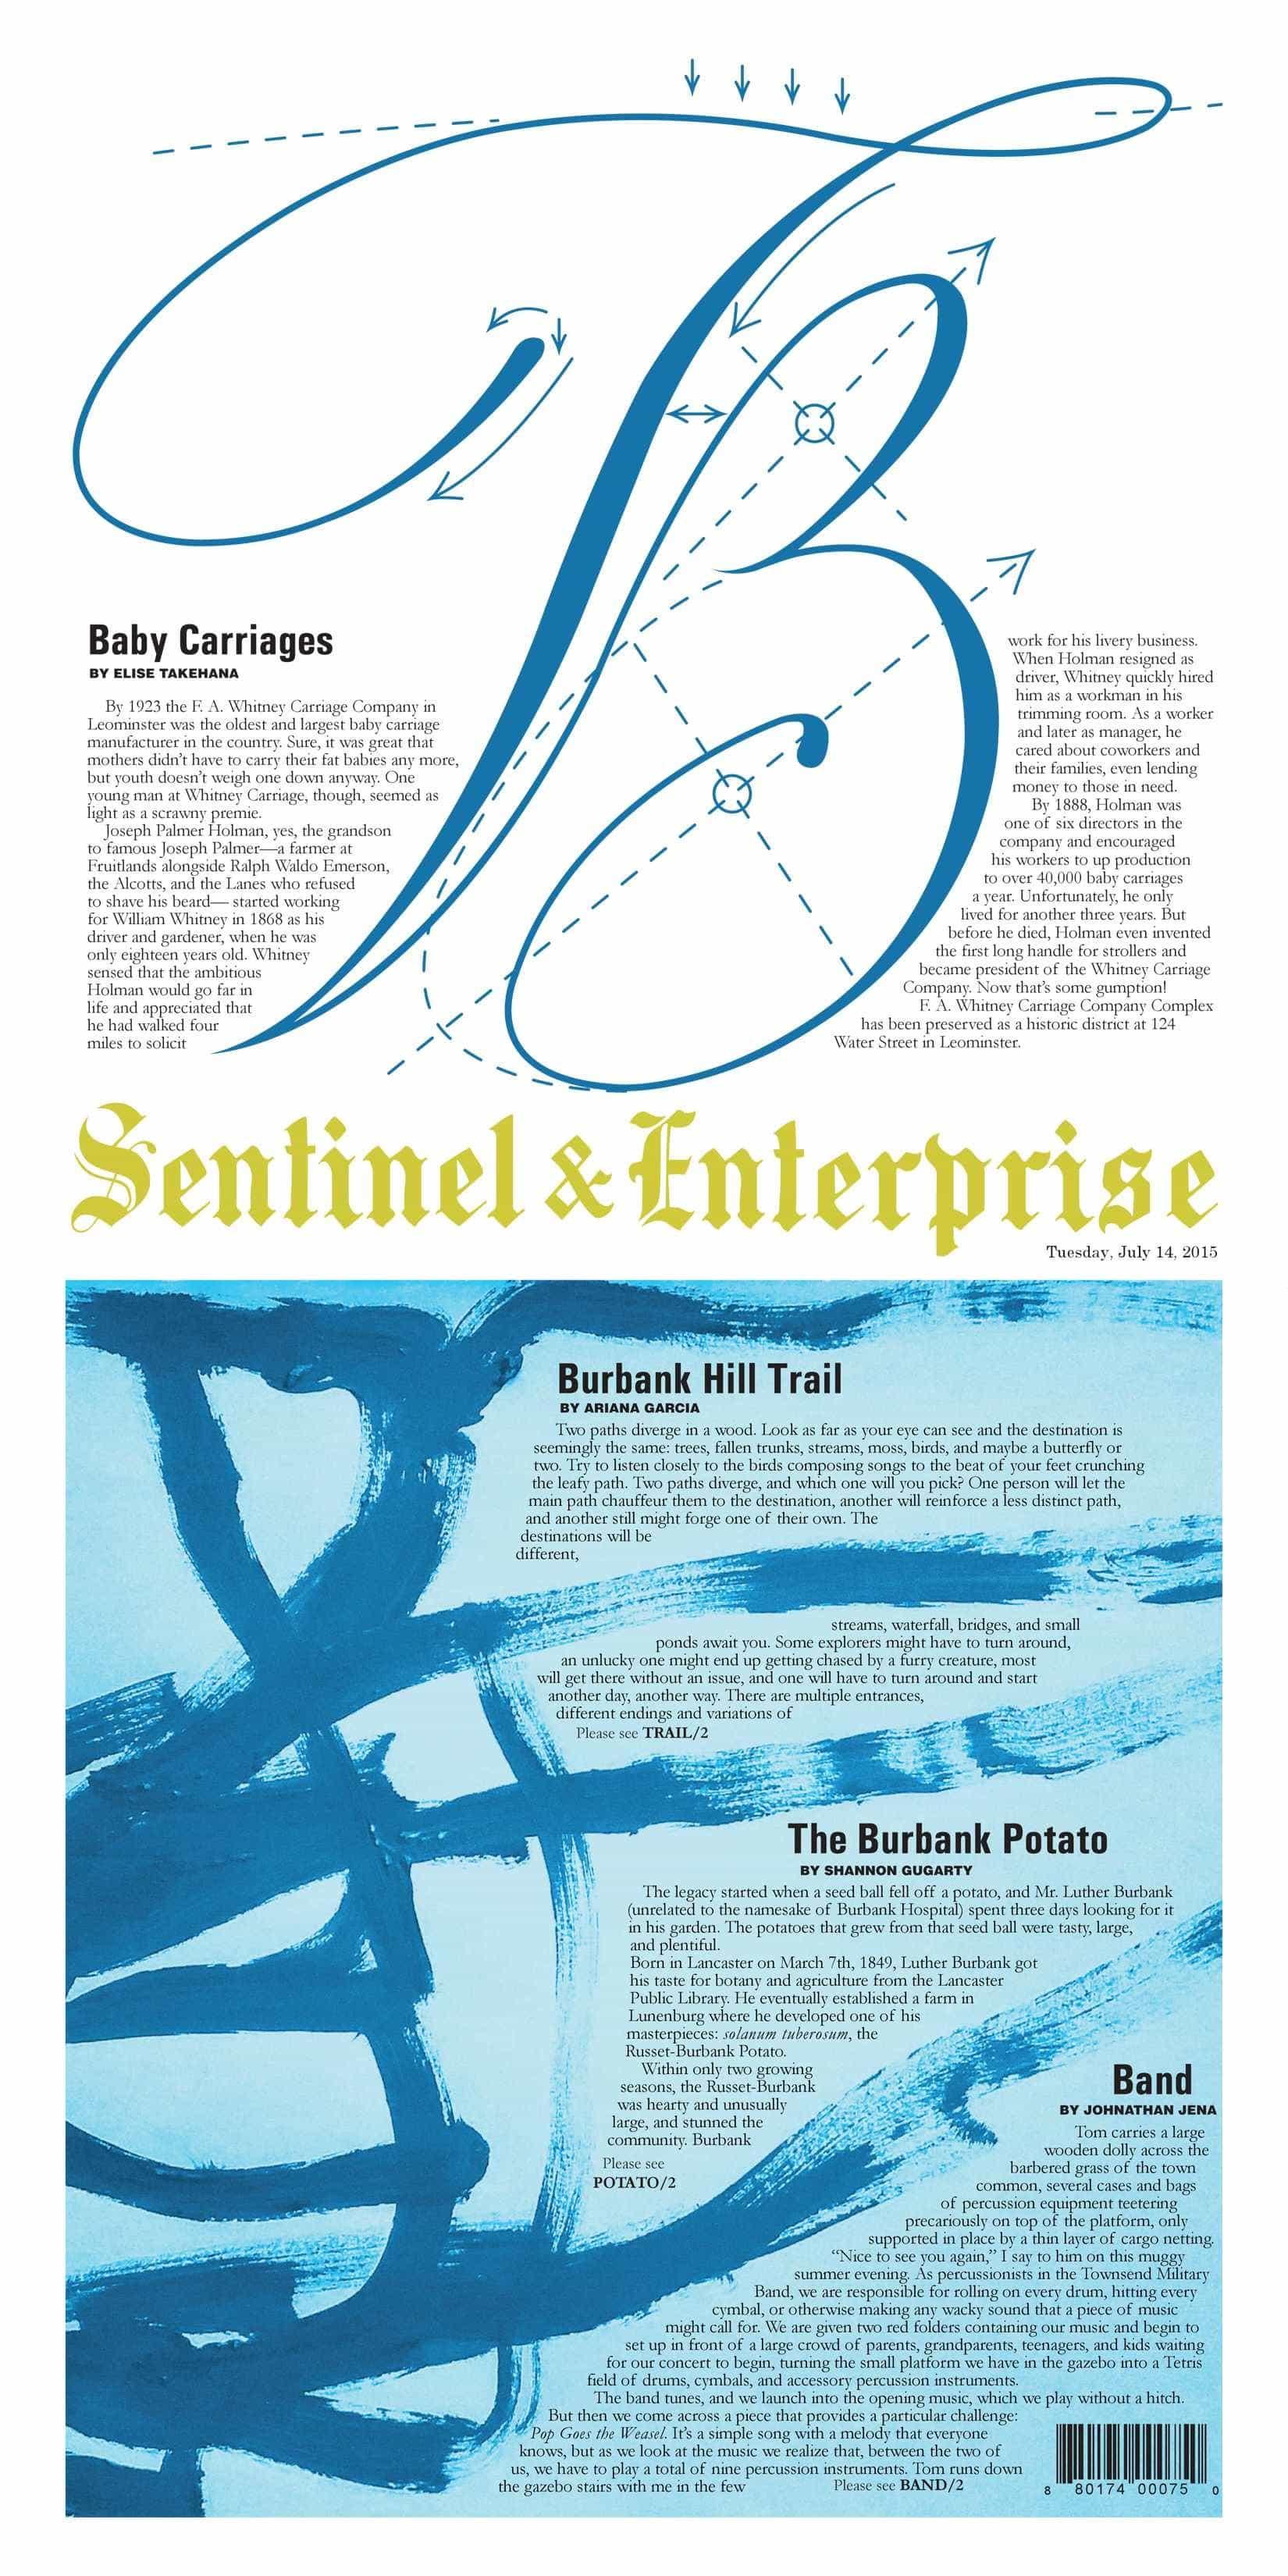 Photo courtesy of Sentinel & Enterprise